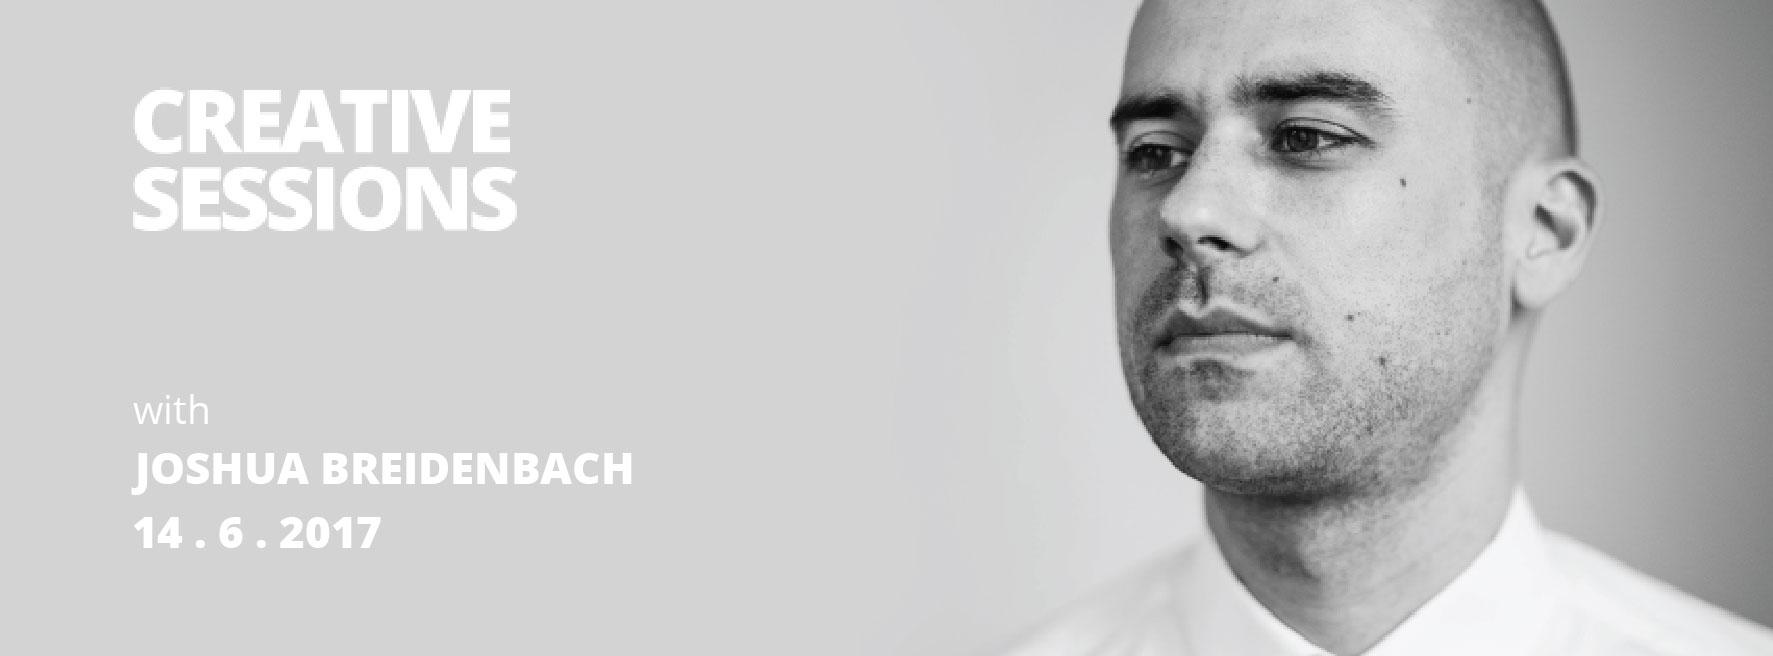 Creative Sessions 2: Joshua Breidenbach